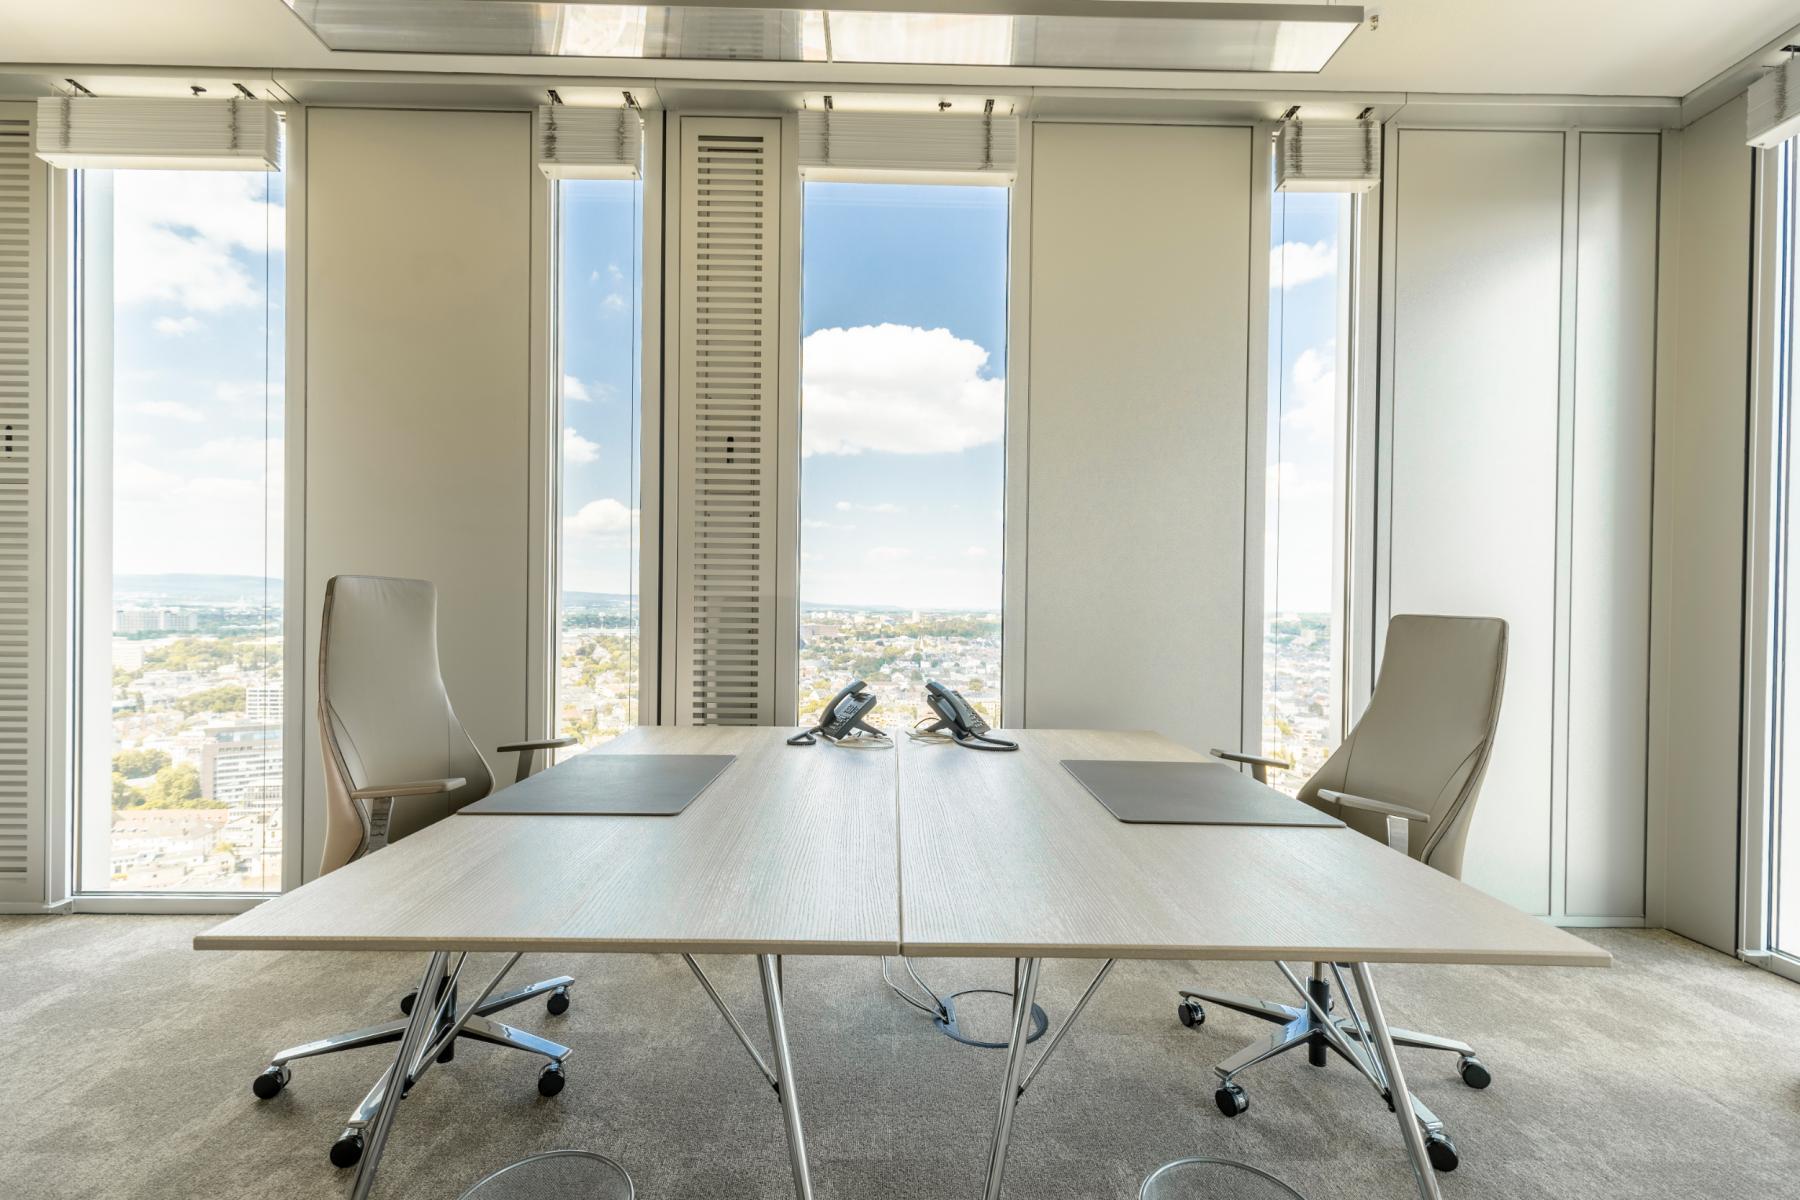 Miete ein wunderschönes Büro mit einer modernen Einrichtung in Frankfurt